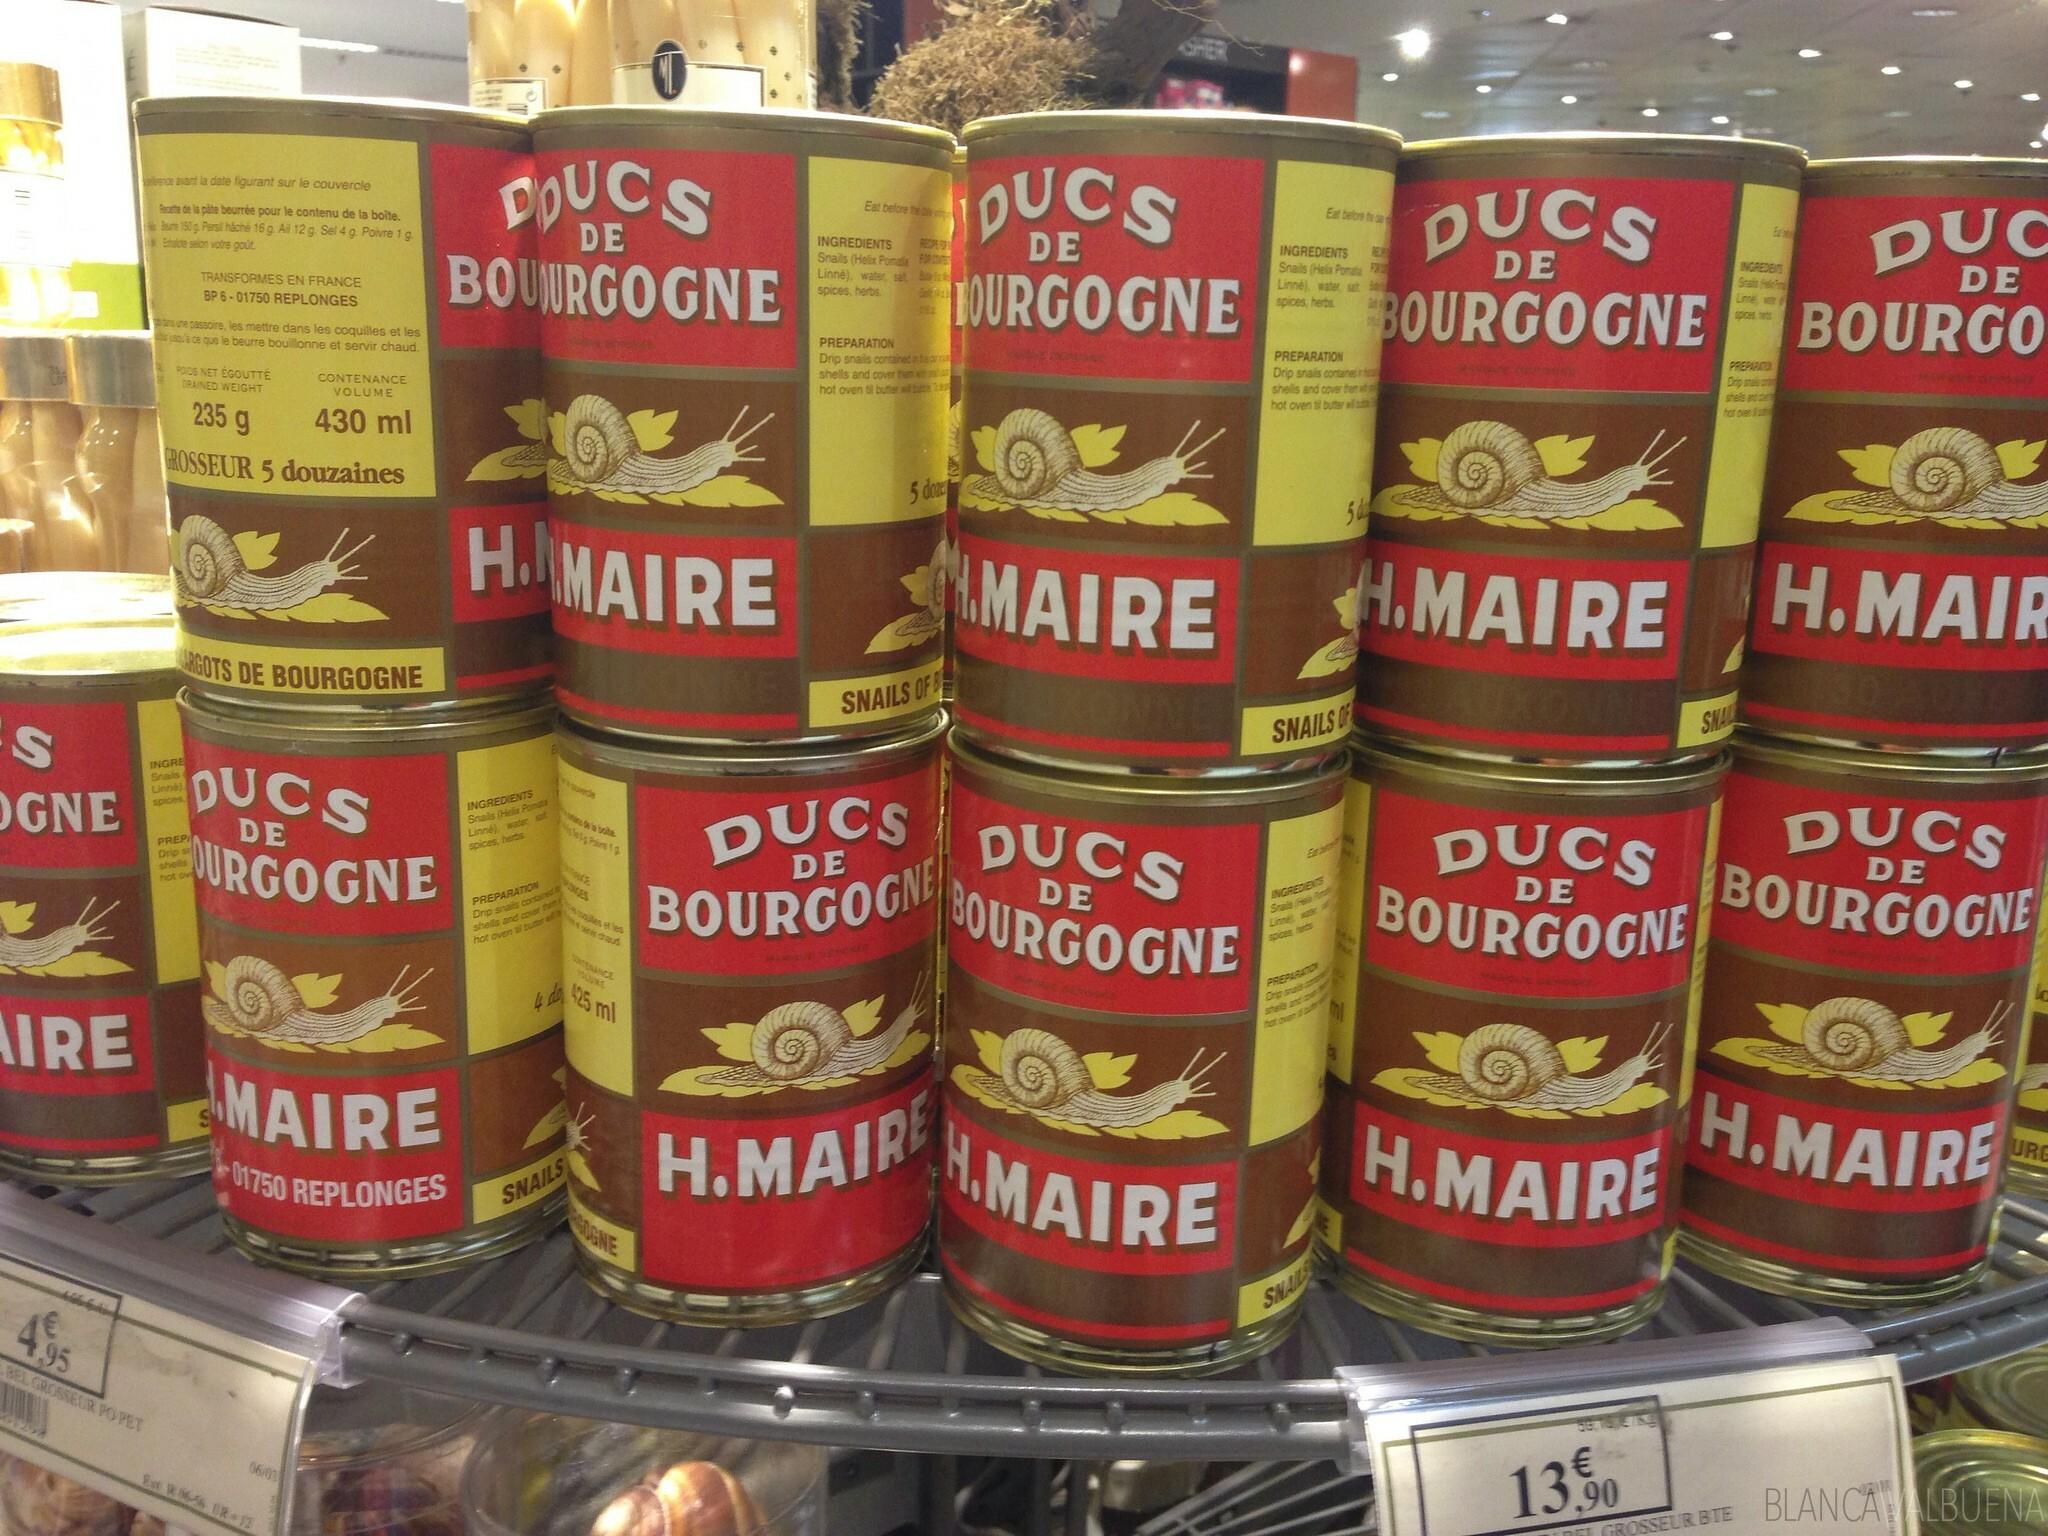 È possibile acquistare tradizionale Cucina francese come le lumache a Galeries Lafayette